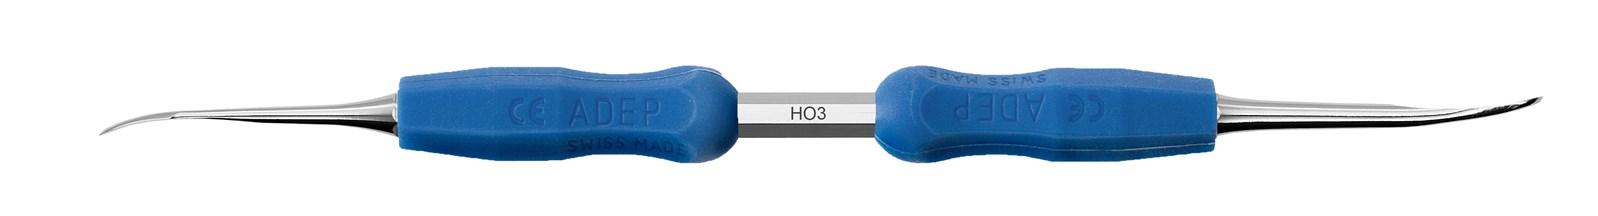 Periosteální elevator - HO3, ADEP tmavě modrý